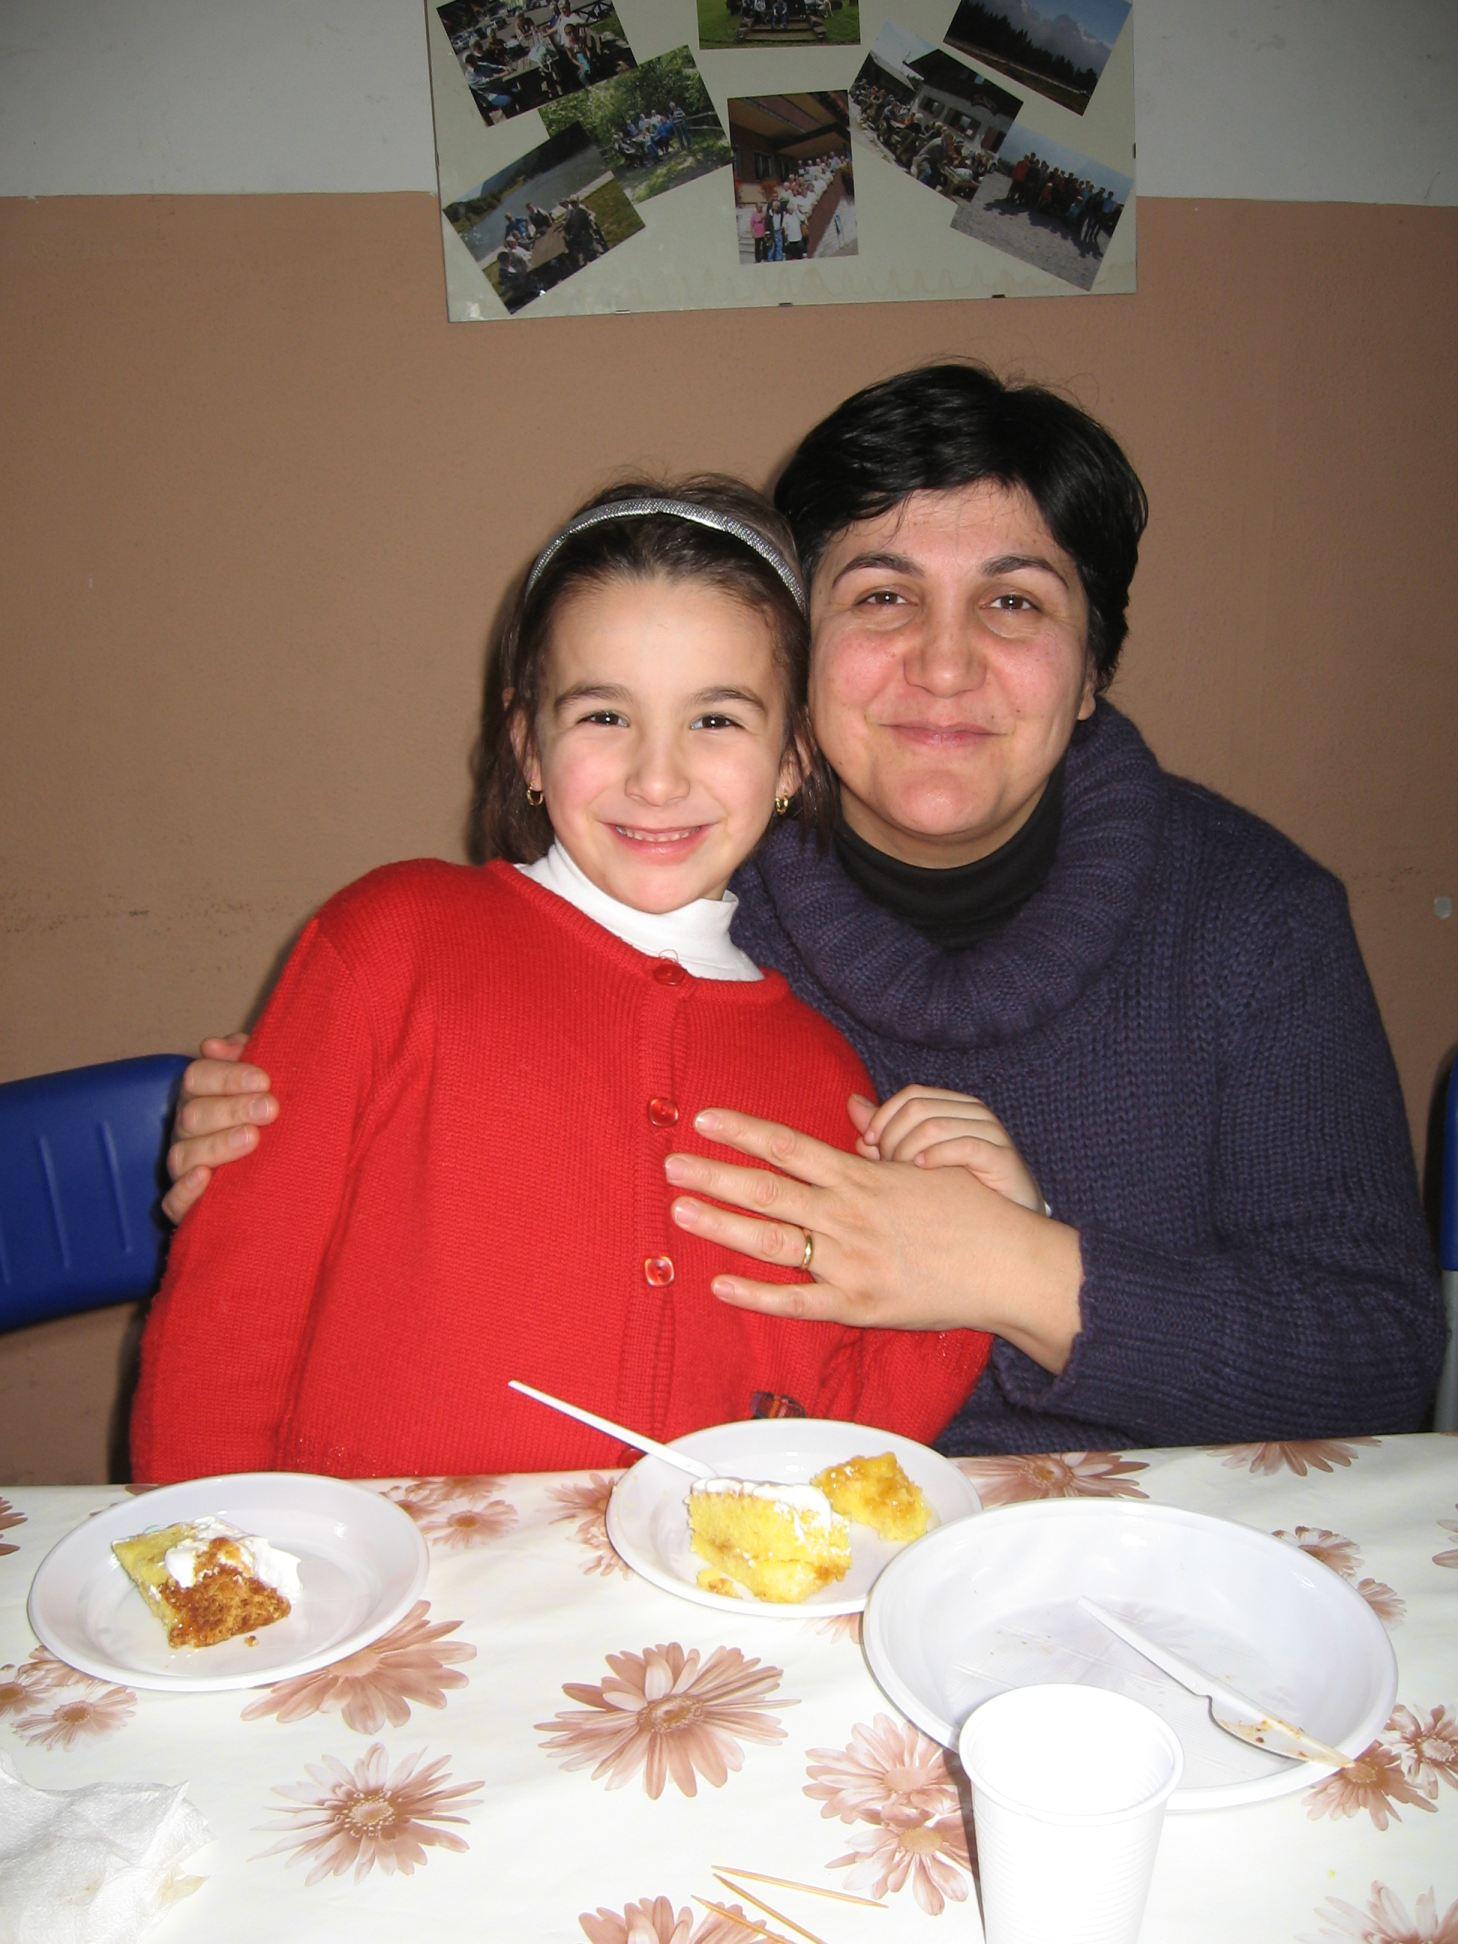 Dominicani-2009-12-20--20.08.11